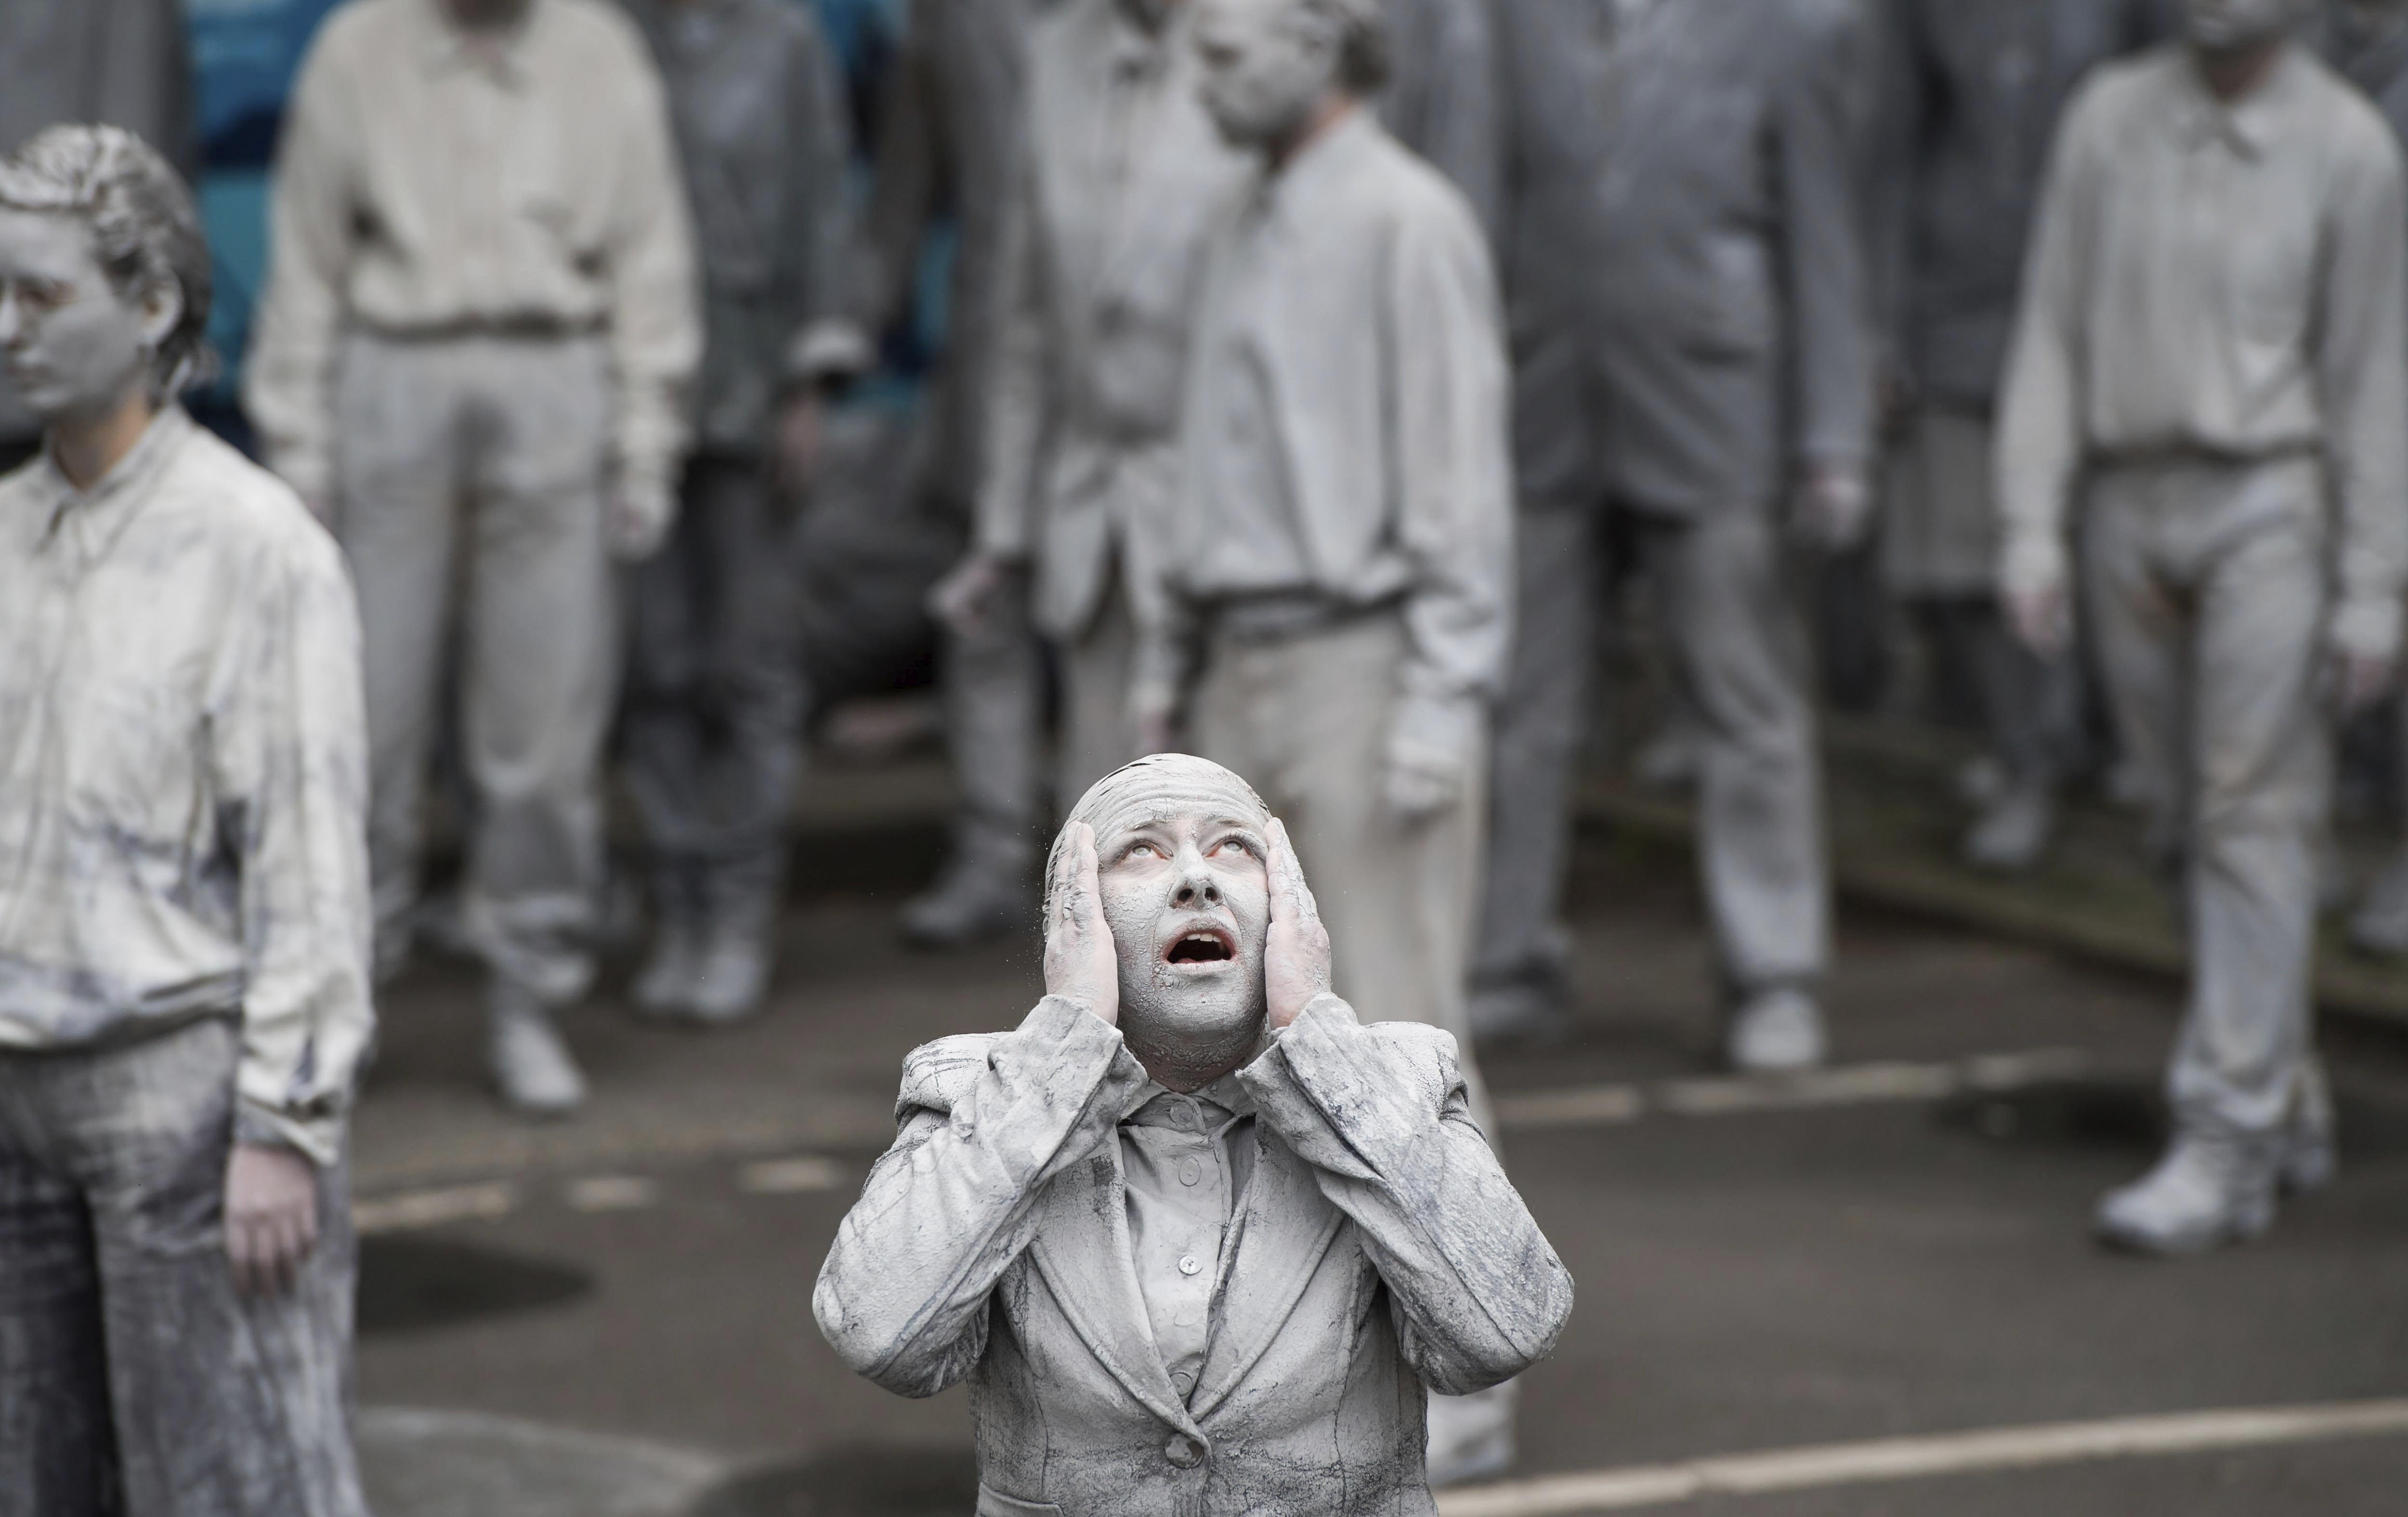 Manifestants vestits amb roba grisa i amb el pèl i la cara del mateix color participen en una protesta amb motiu del Cim de caps d'Estat i de Govern del G20 a Hamburg, Alemanya. /LUKAS BARTH-TUTTAS